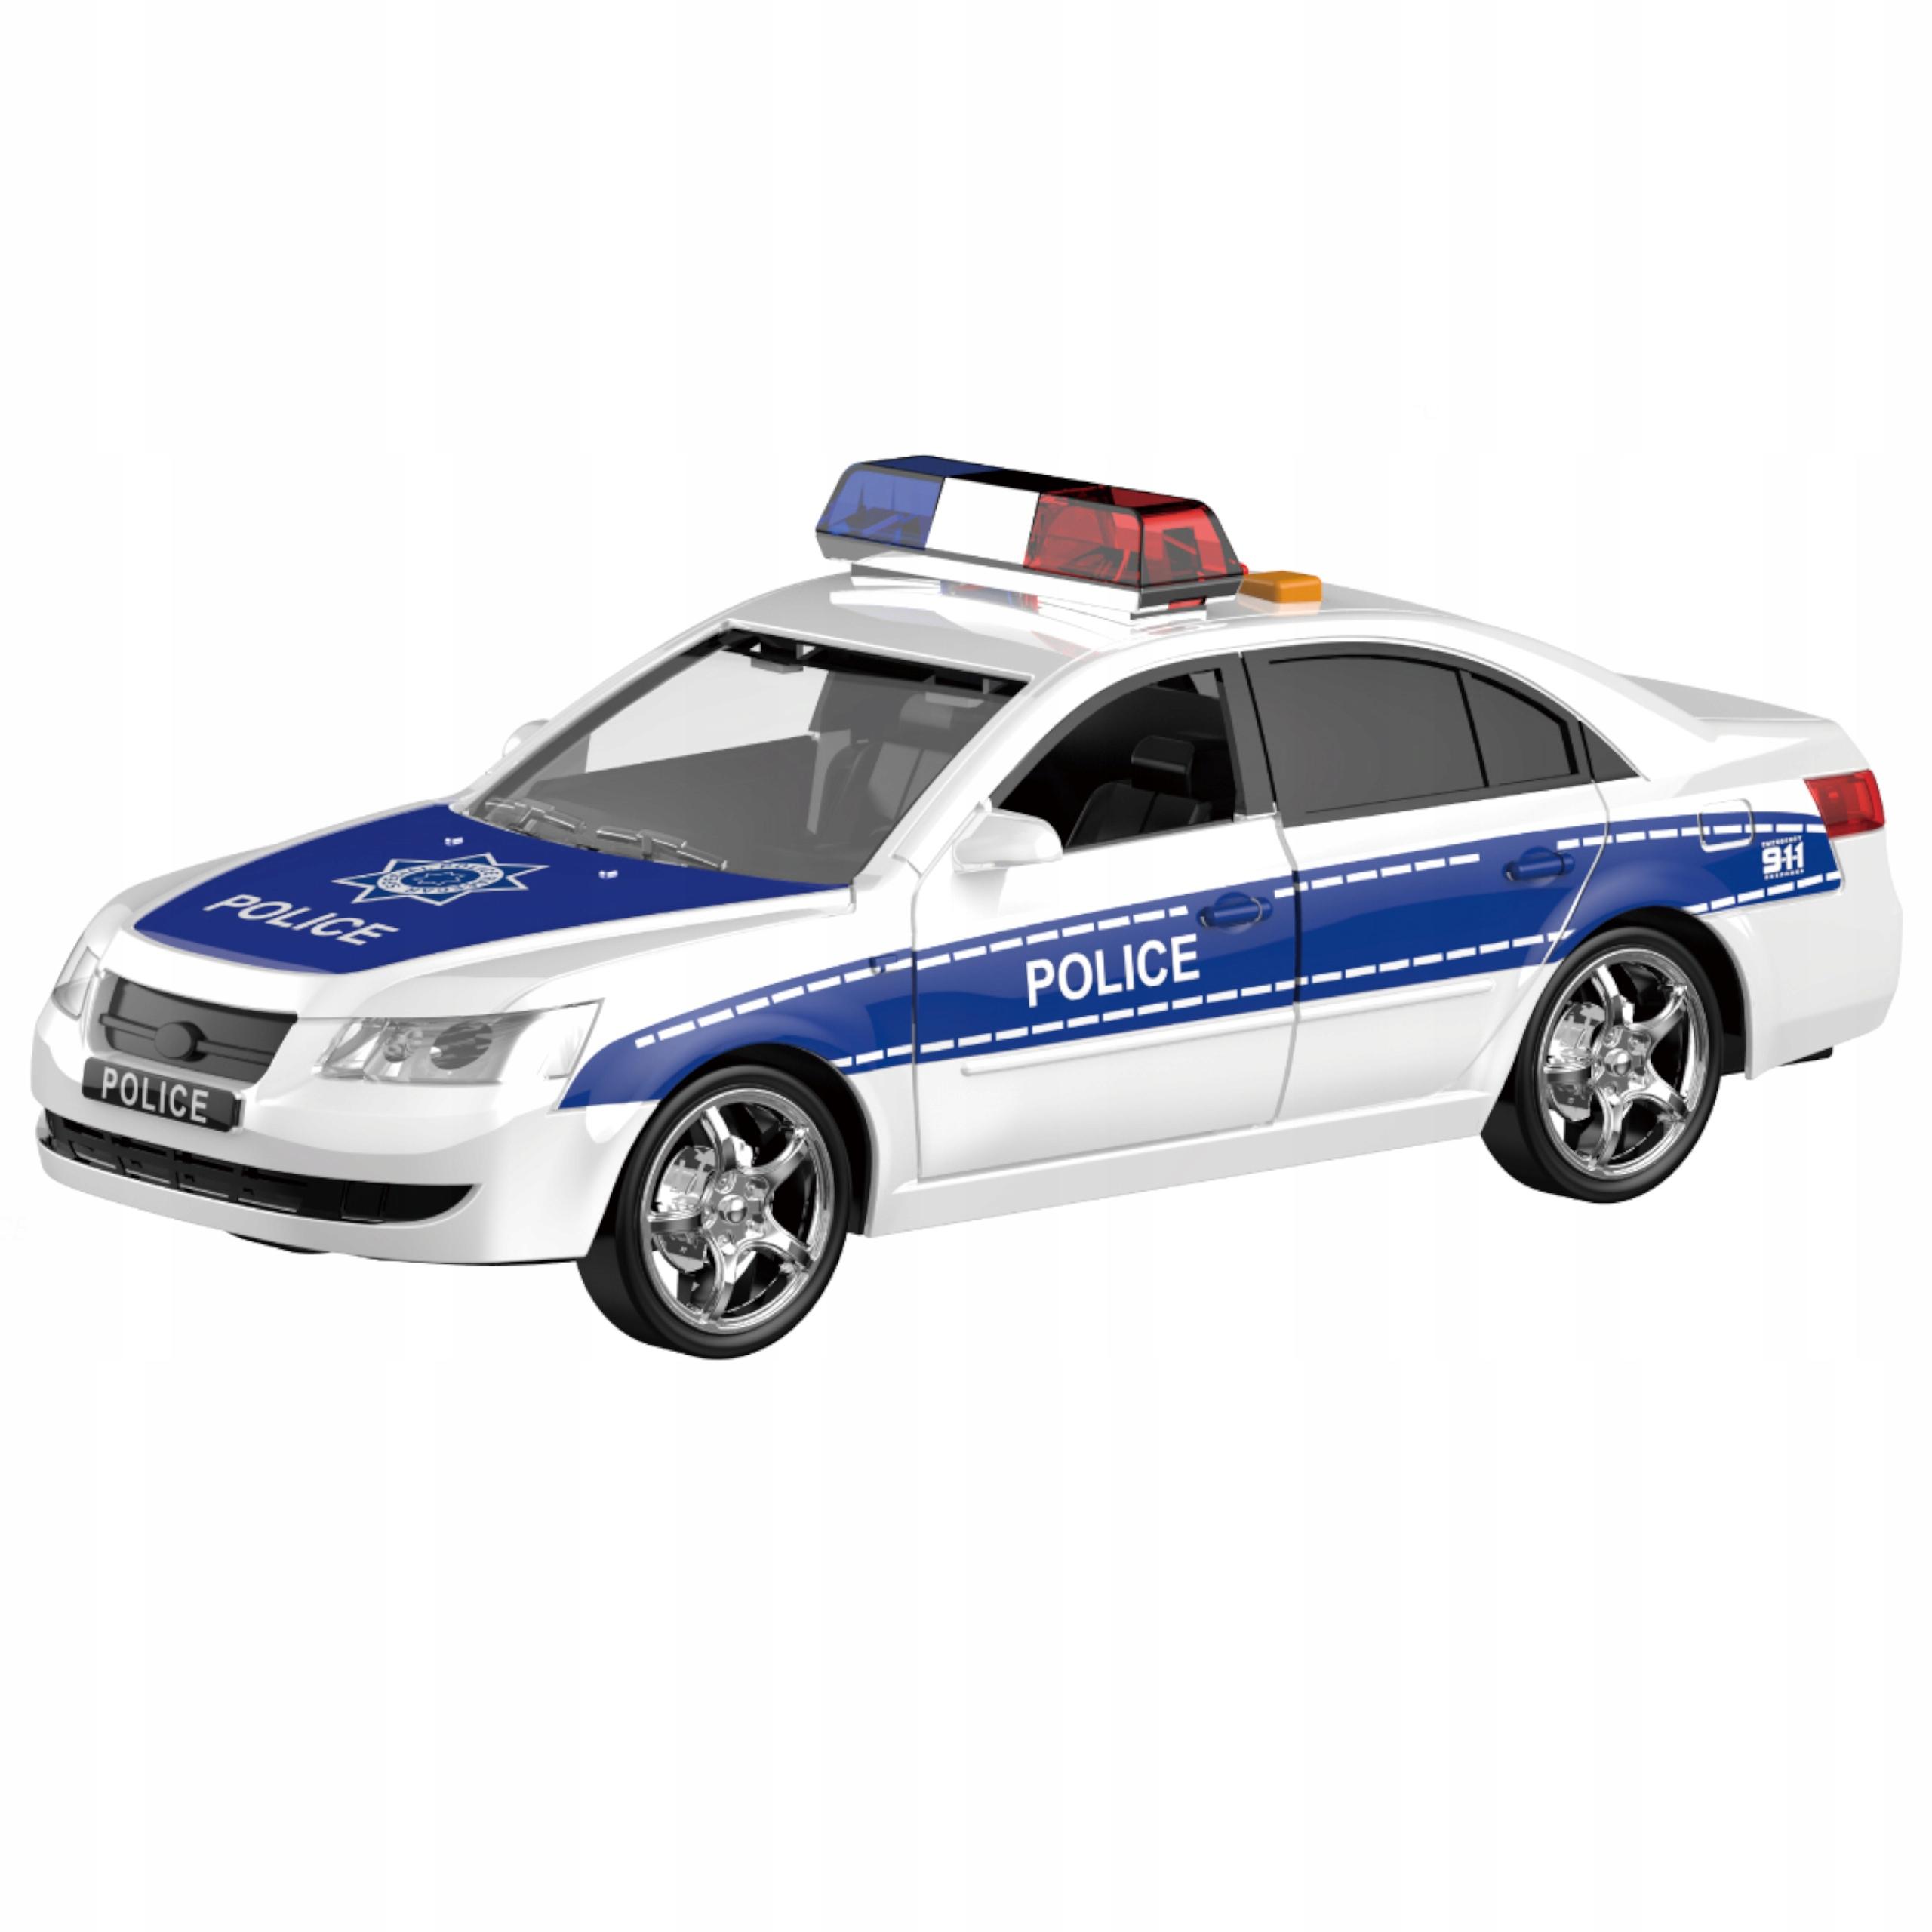 Samochód policyjny otwierane drzwi dźwięki WY560A Model policja